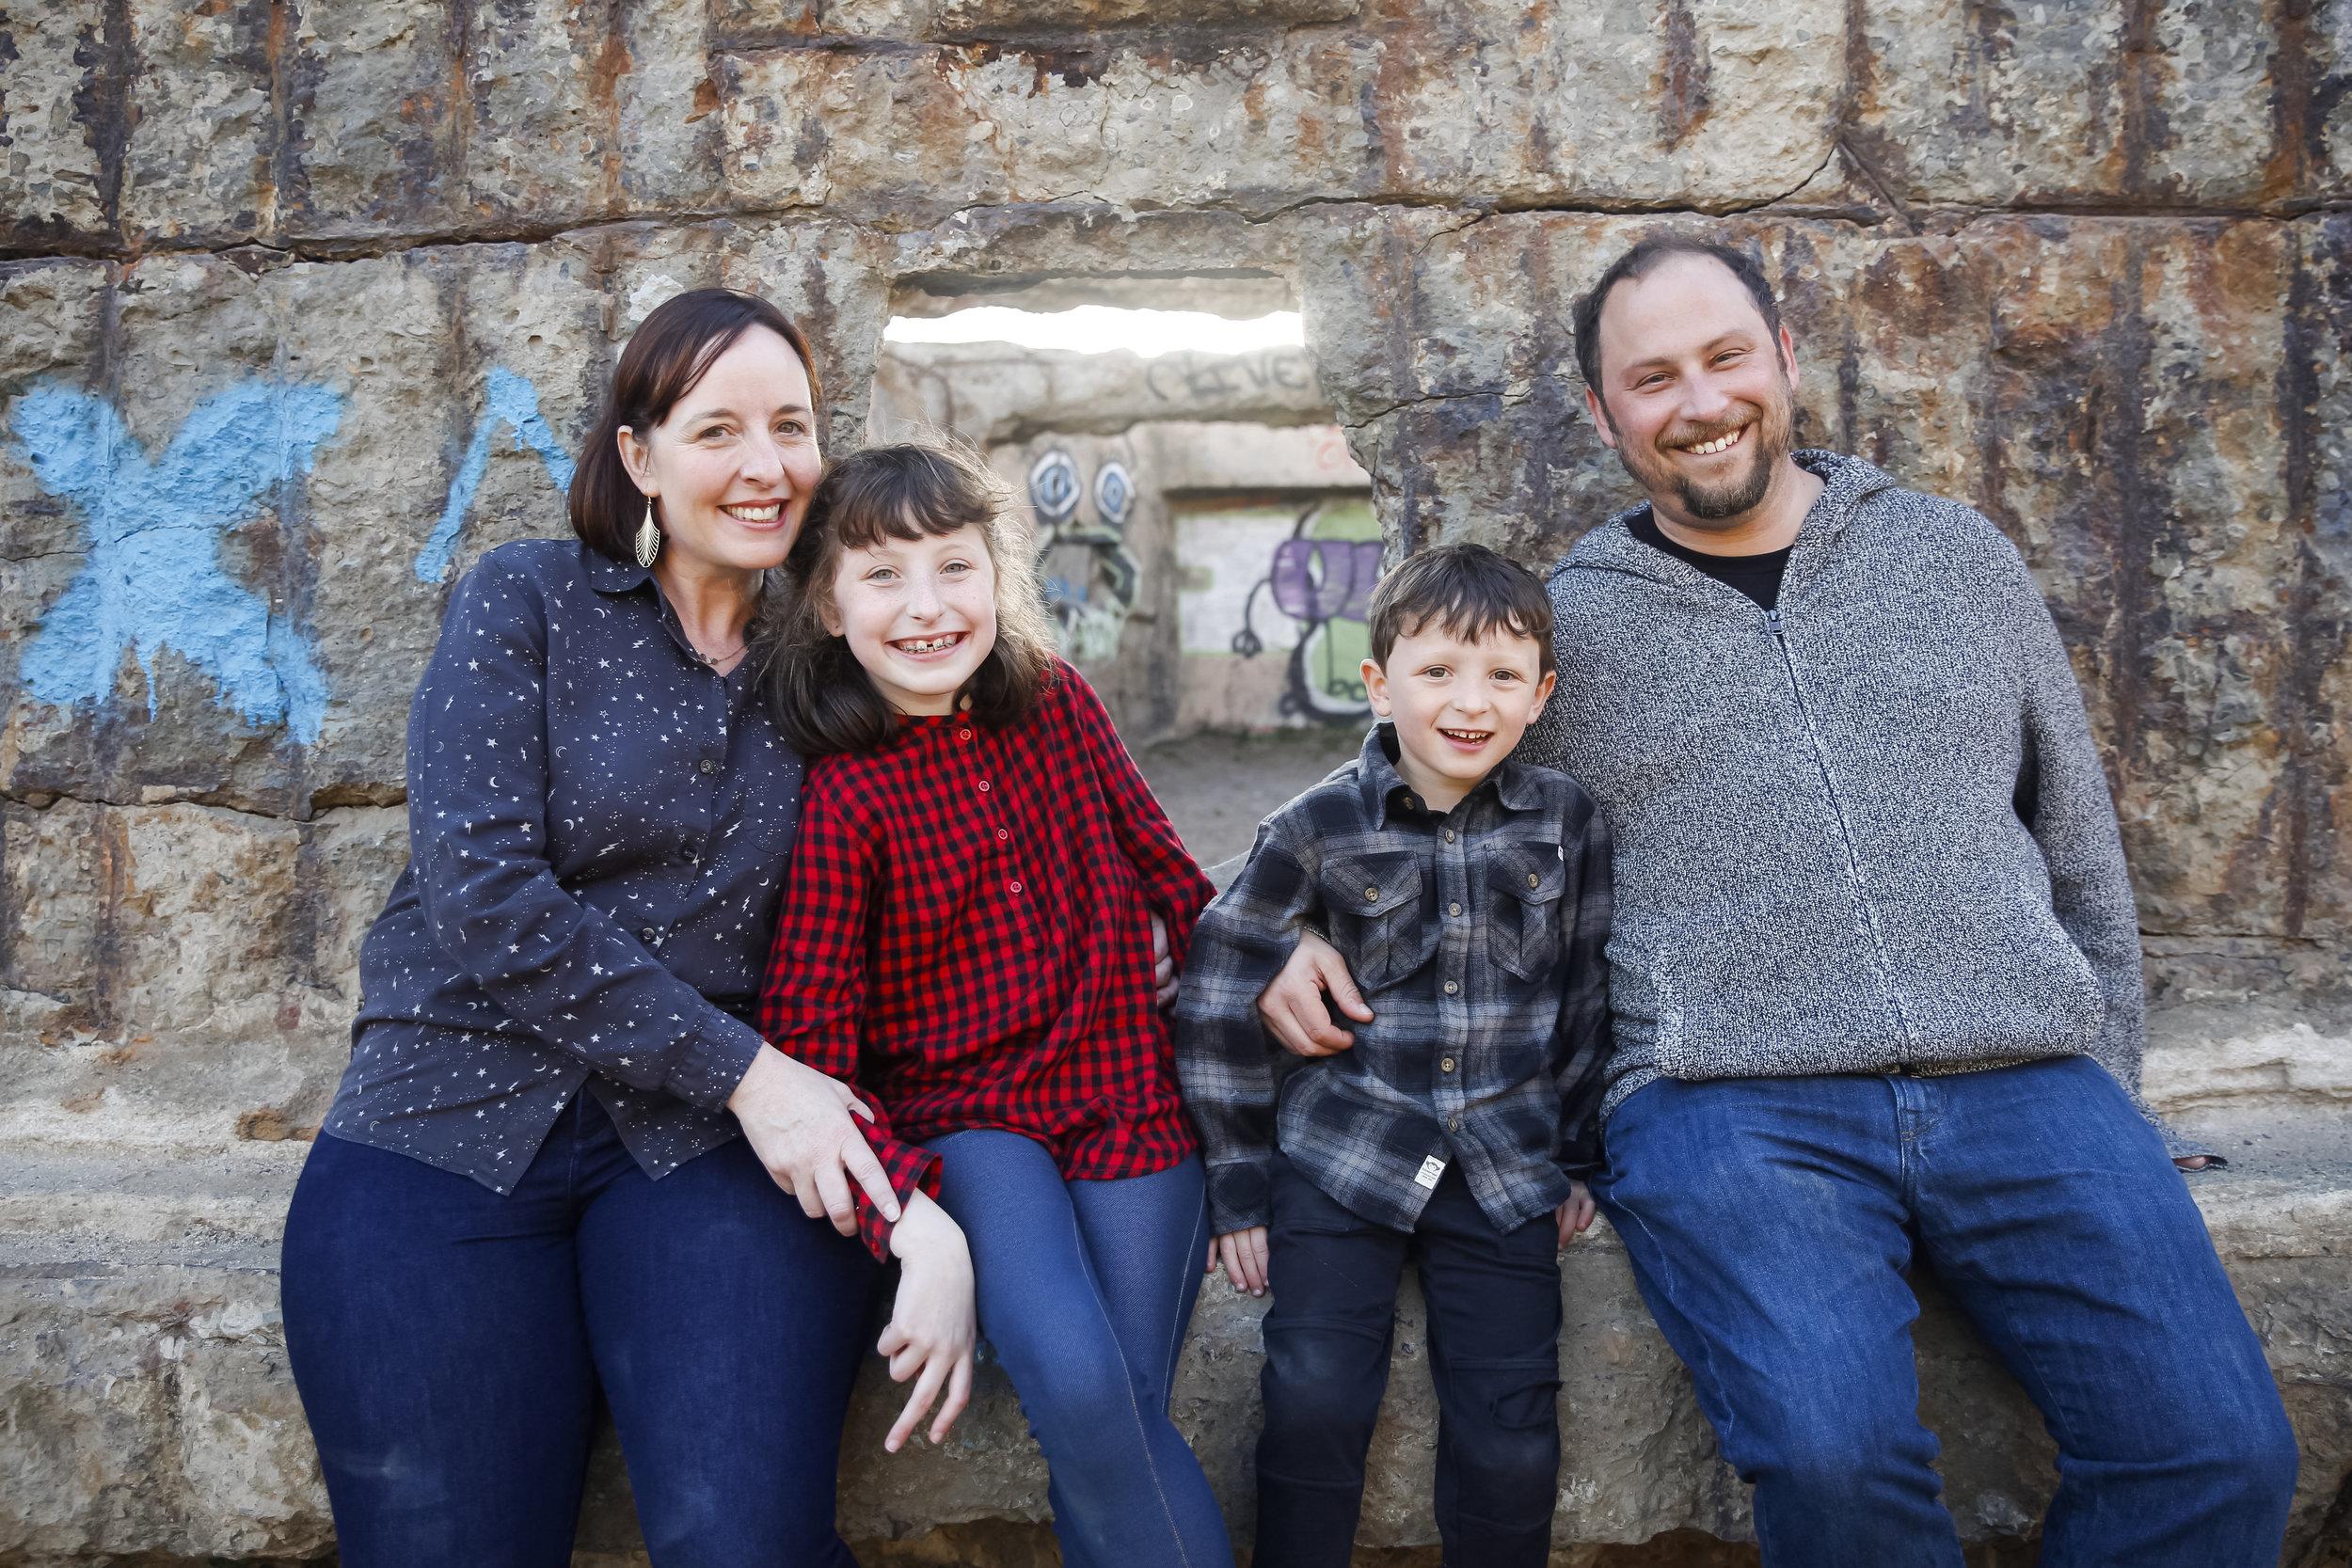 swerdlinfamily-ahp-00010.jpg